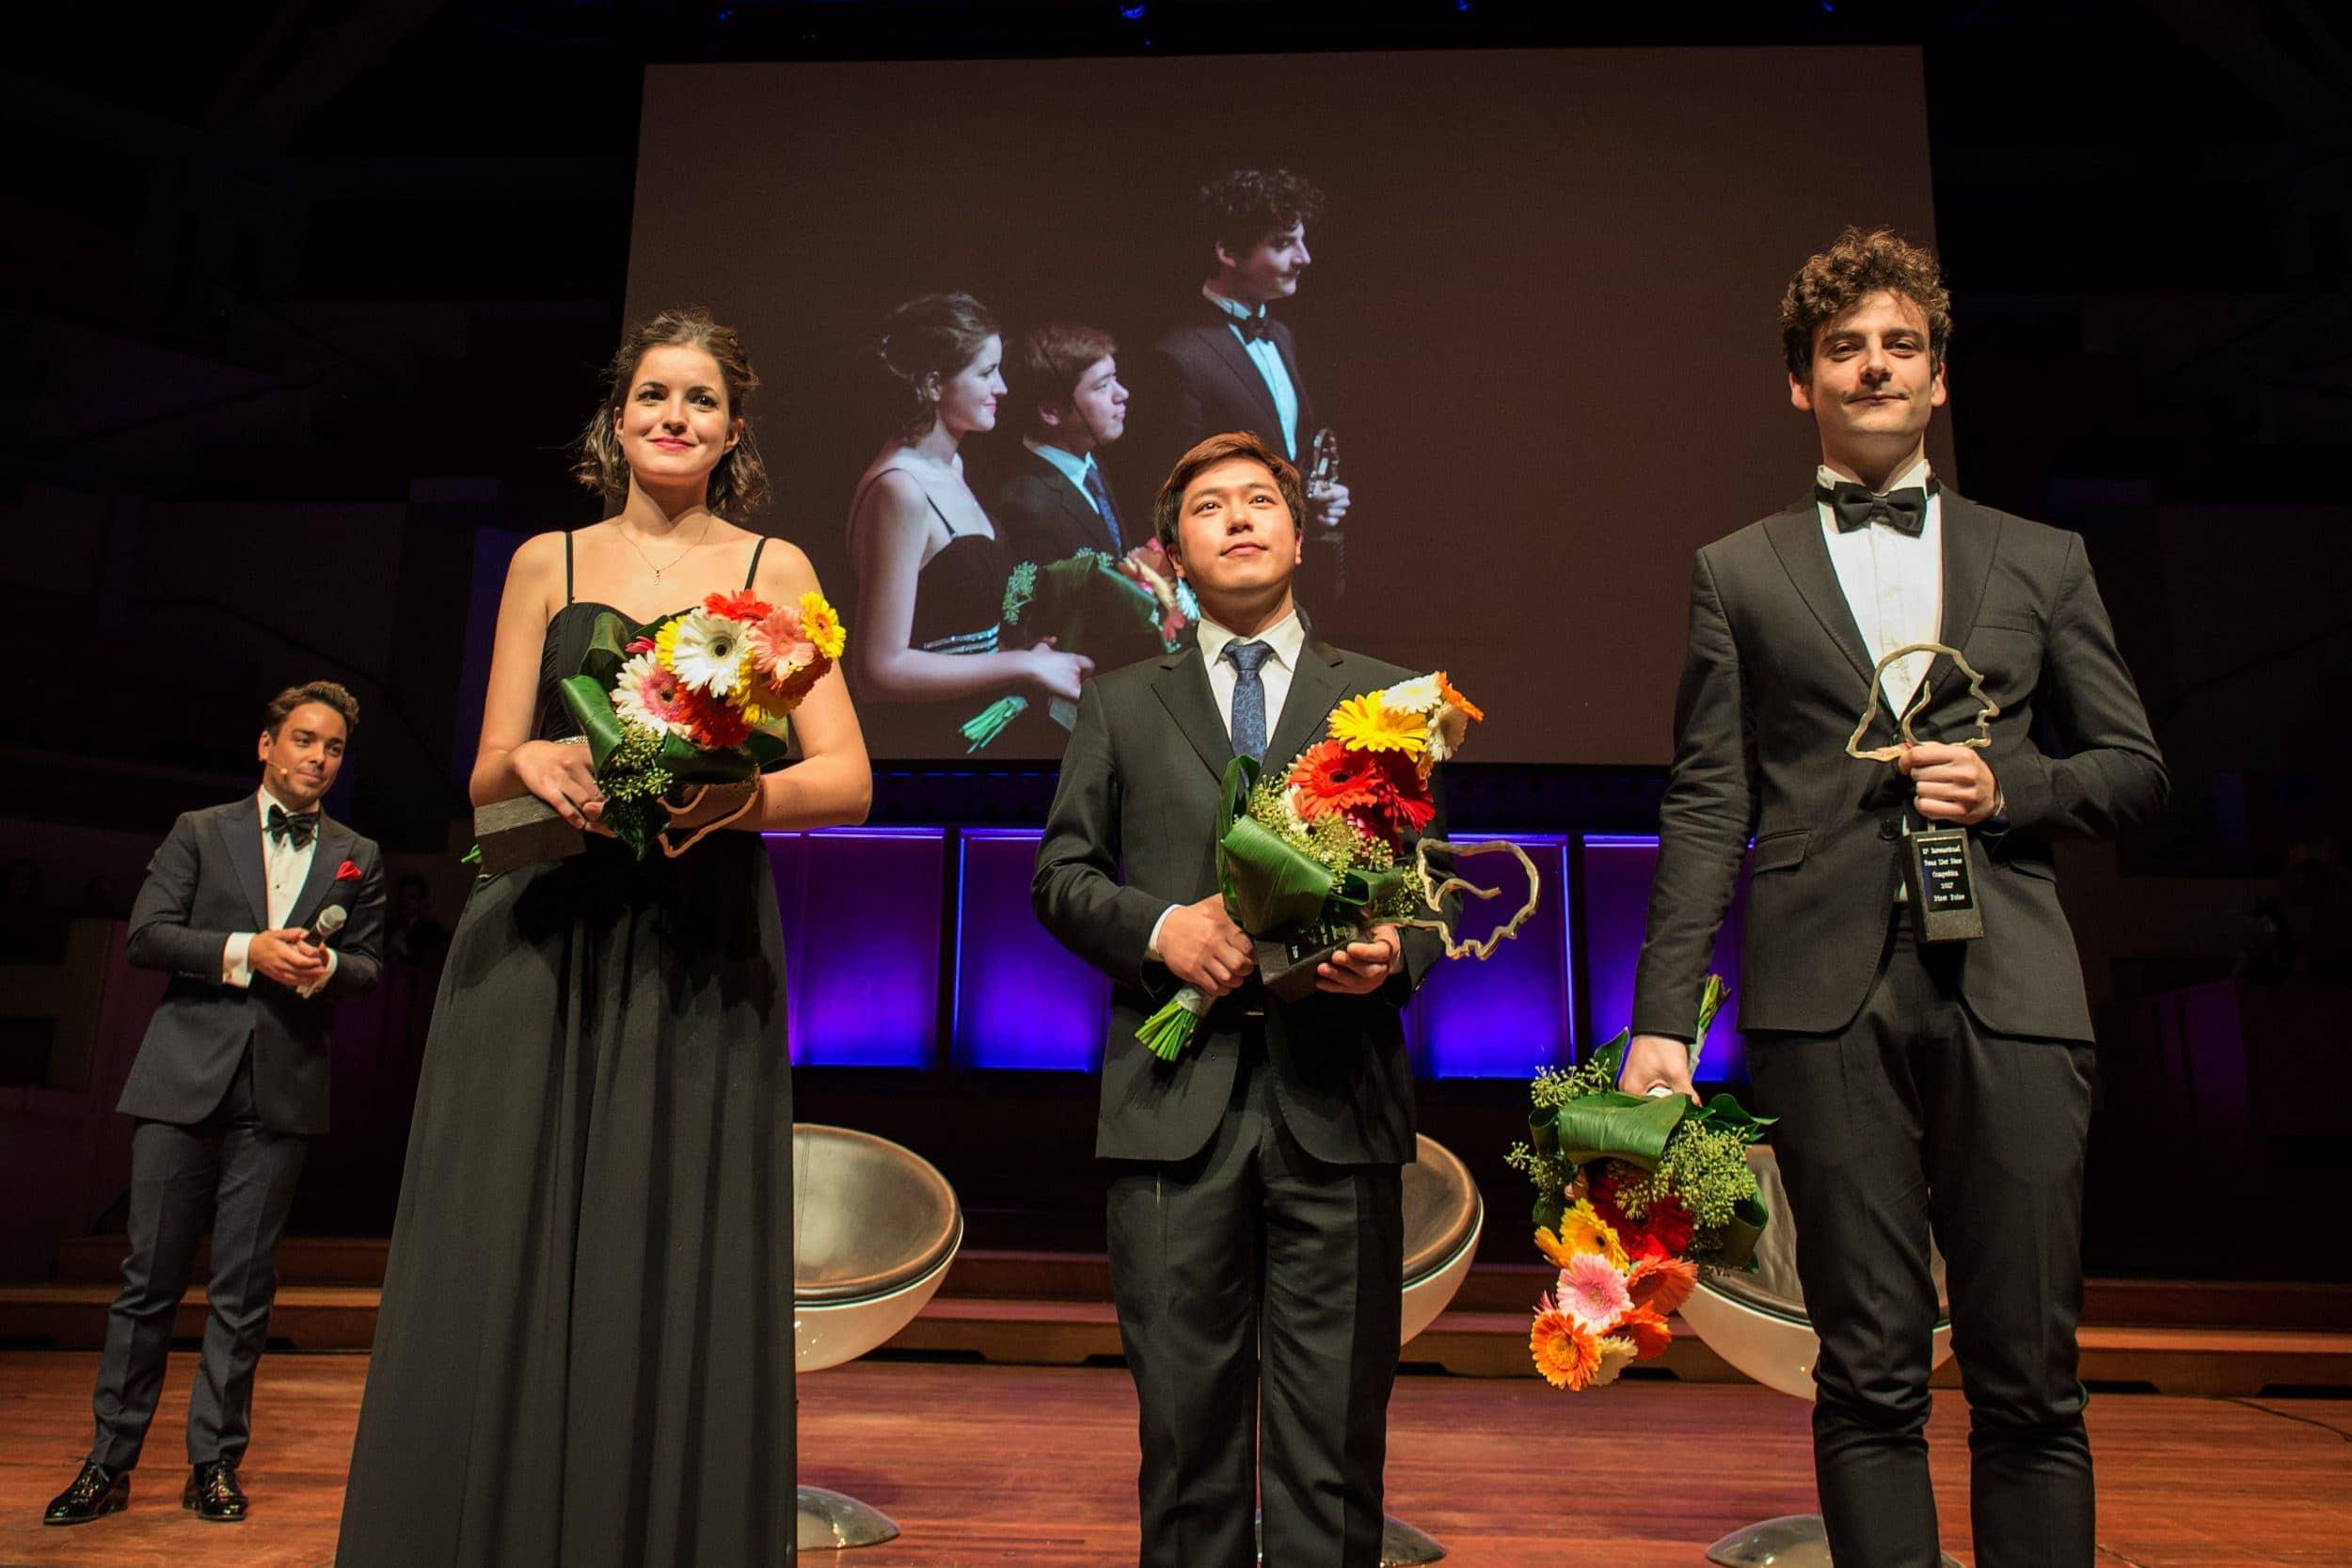 Лауреаты 11-го Международного конкурса пианистов им. Листа